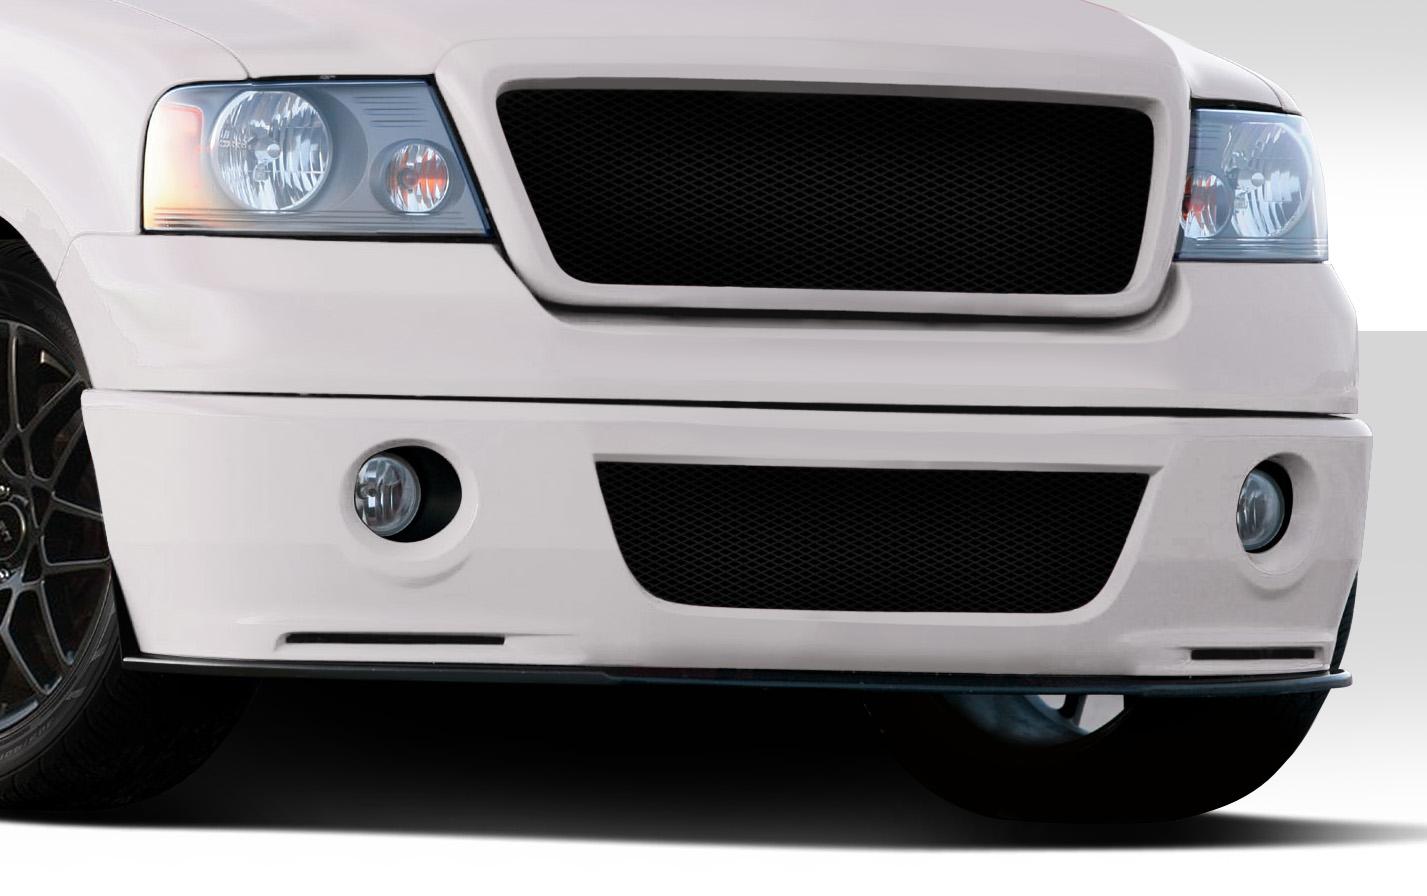 04 08 ford f150 super snake duraflex front bumper lip body kit 112219 ebay. Black Bedroom Furniture Sets. Home Design Ideas